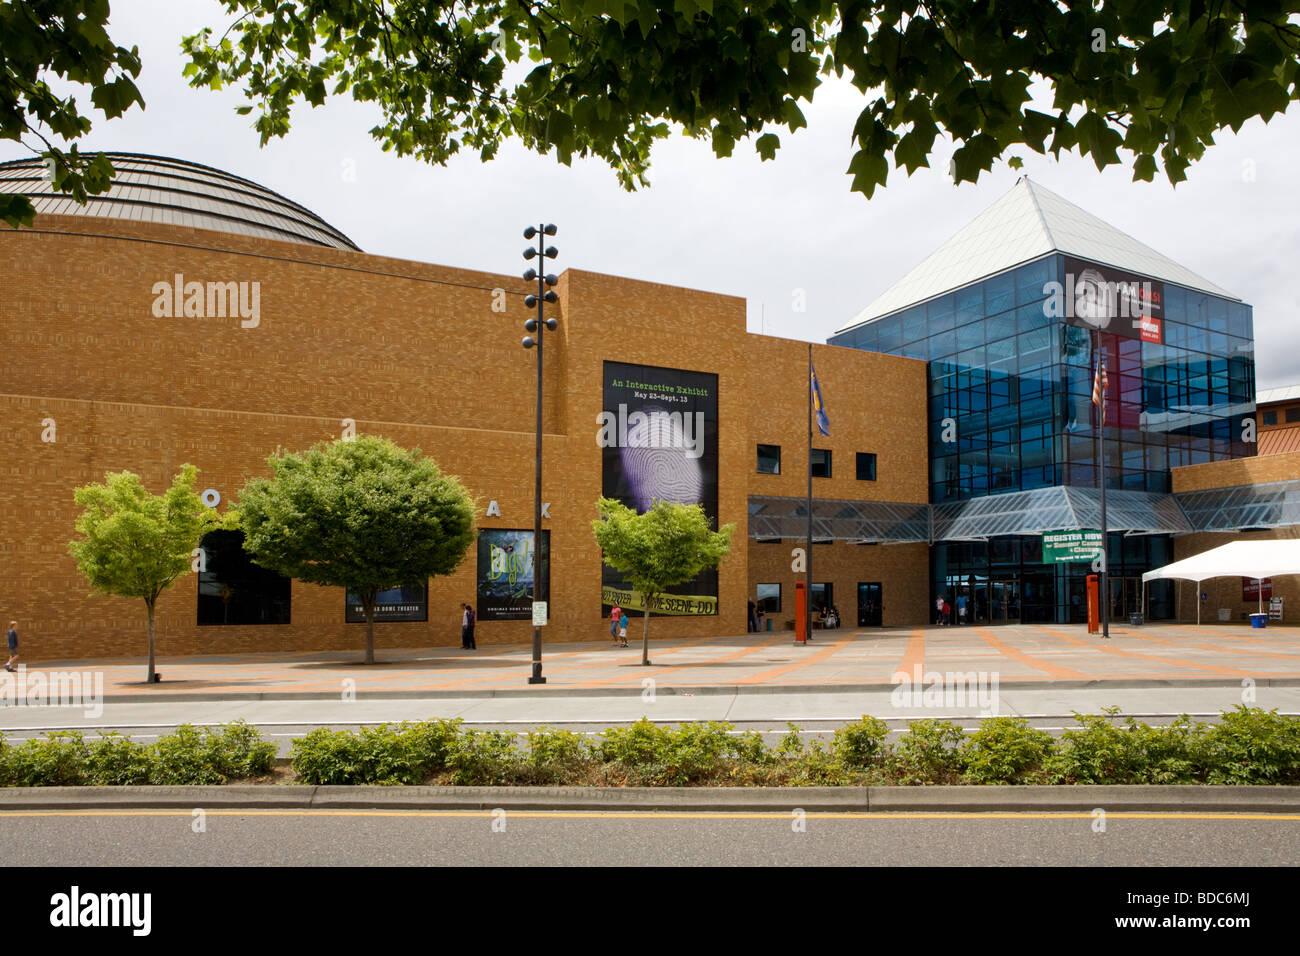 Musée de l'Oregon et de l'industrie Scence aka OMSI, Portland, Oregon Photo Stock